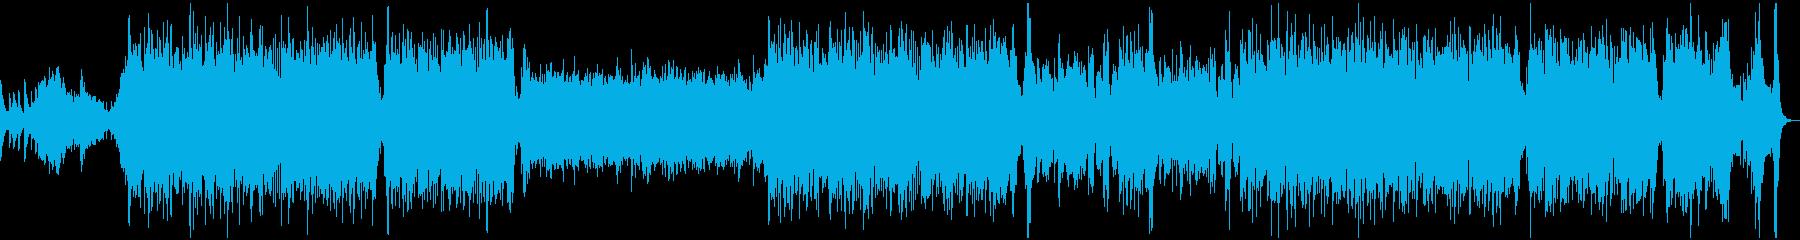 中国/中華風・民族音楽・アップテンポの再生済みの波形